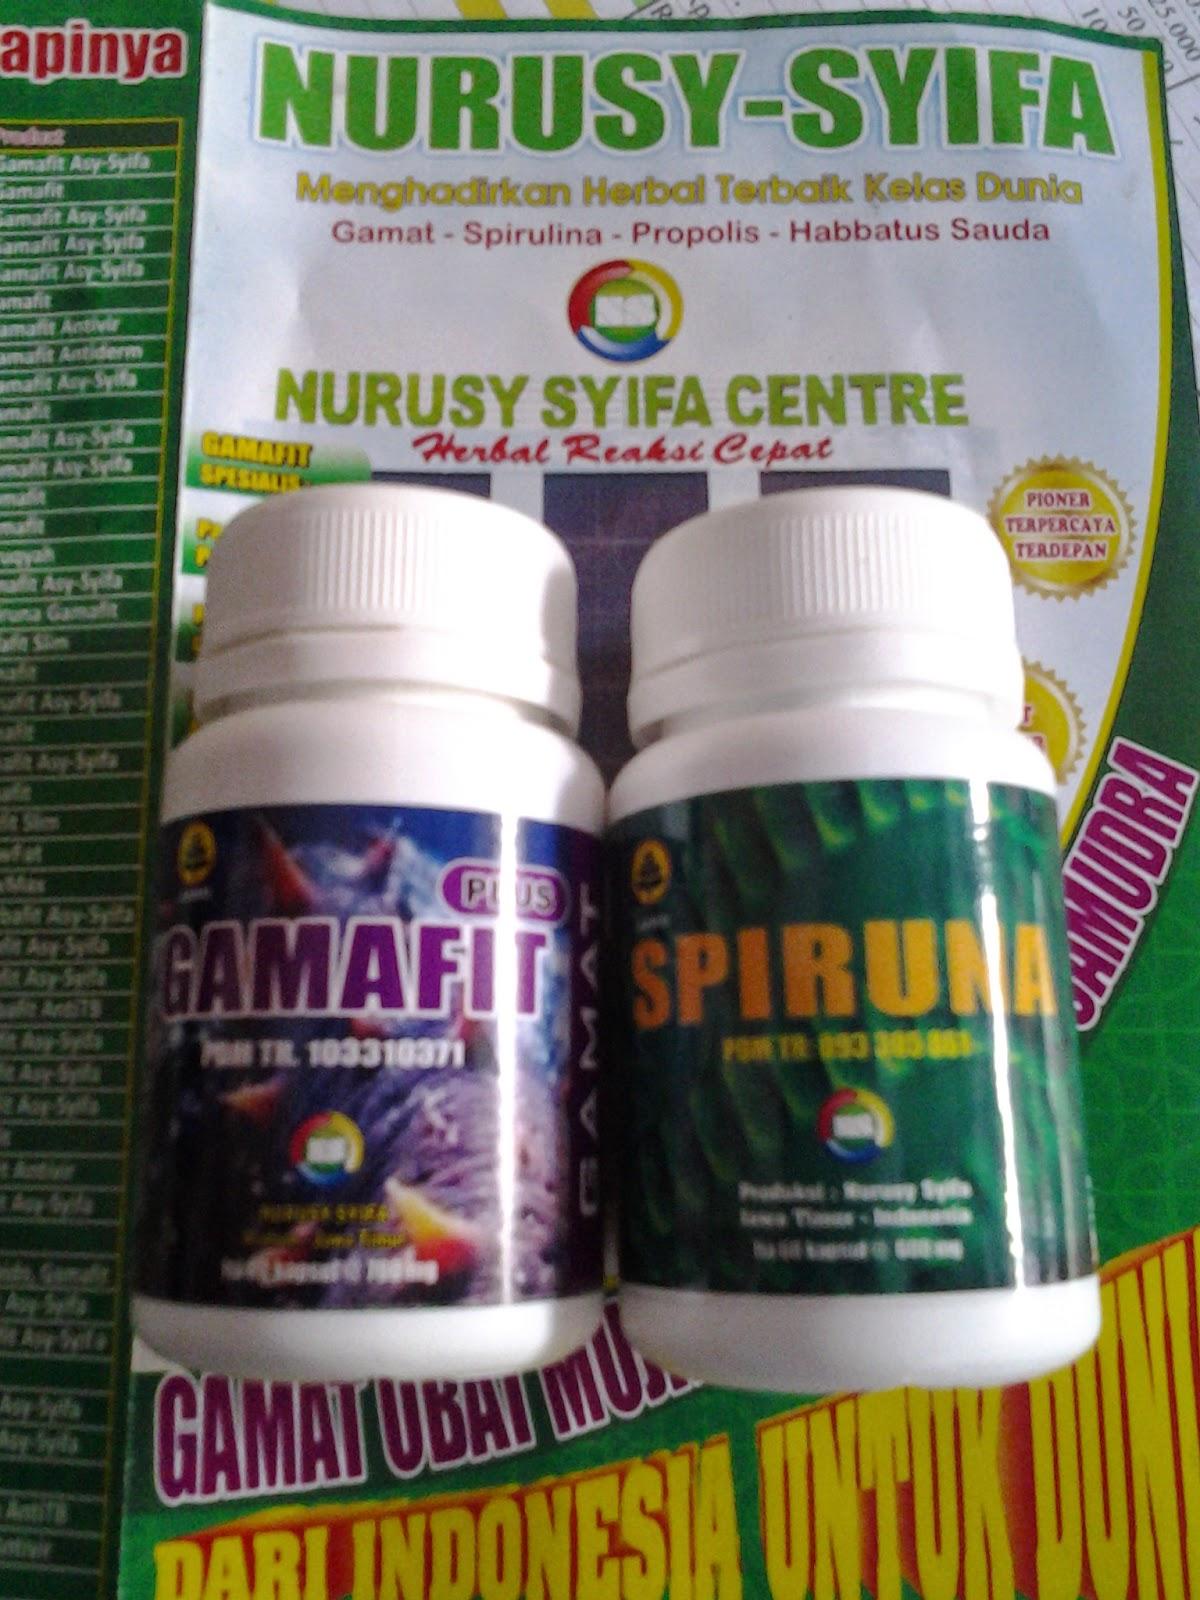 Paket Herbal Nurusy-Syifa untuk Pasien Pasca Kuret